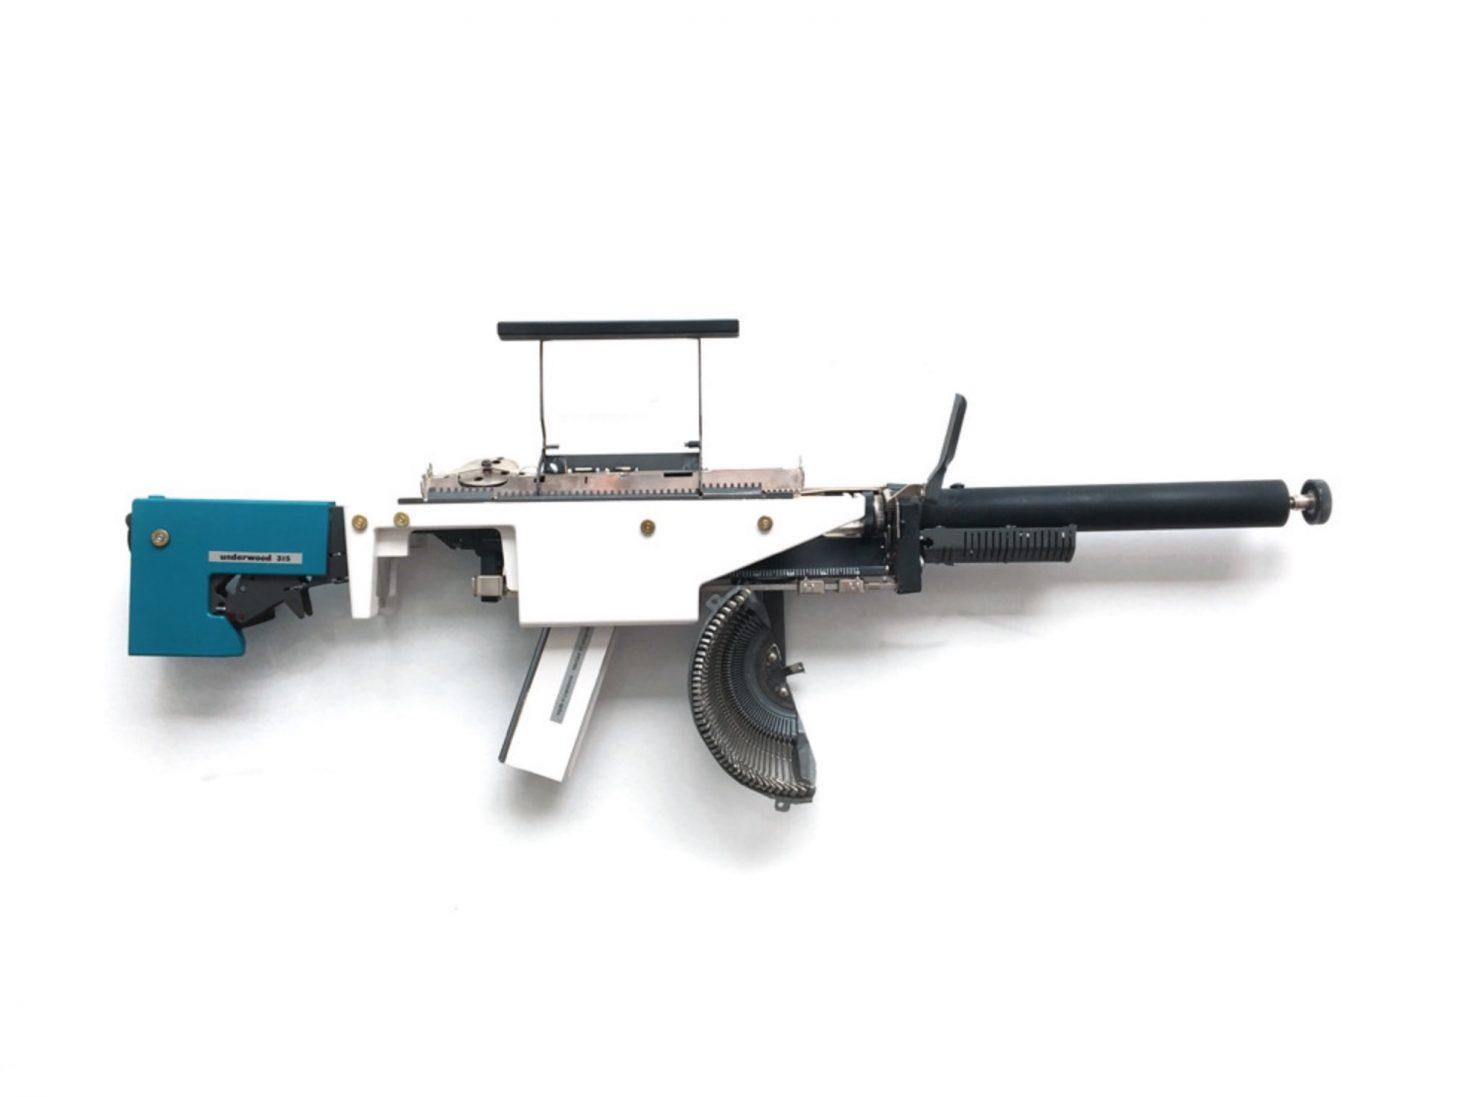 Typewriter Guns 9 1480x1097 - Typewriter Guns